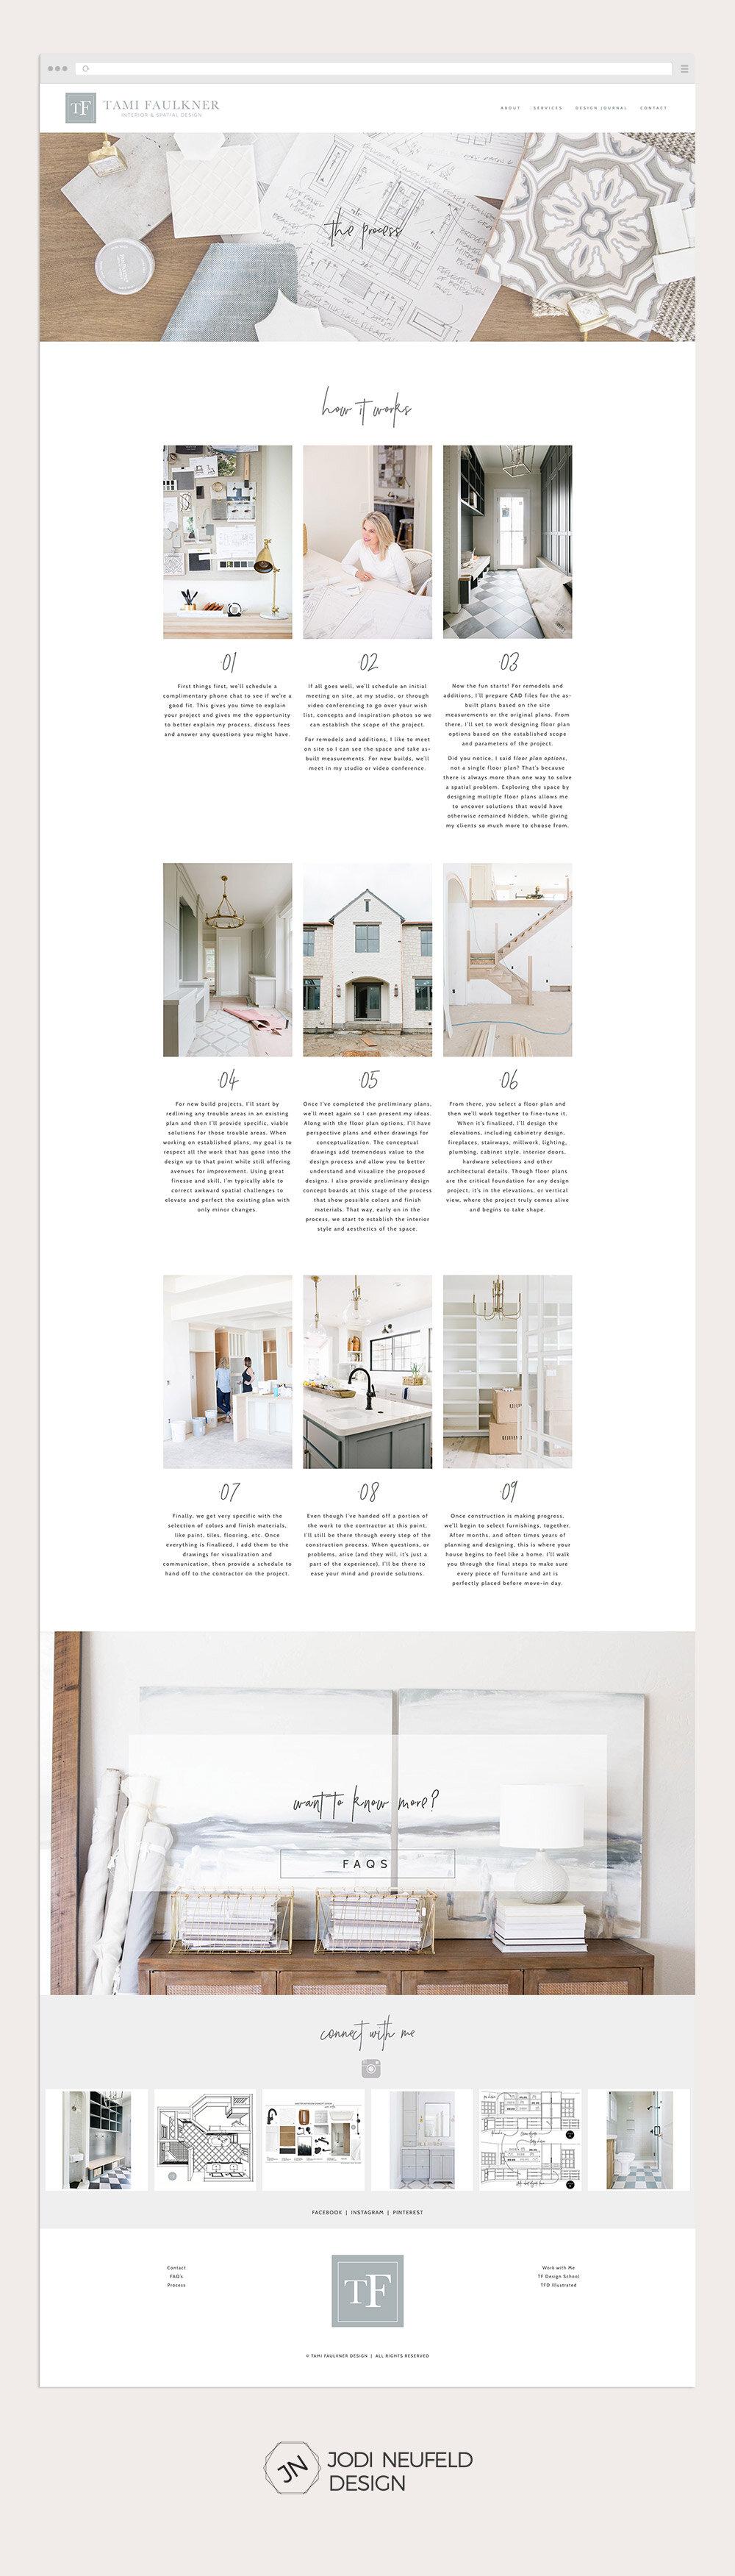 Tami Faulkner Design Interior Designer Website Redesign Squarespace Web Design Services Jodi Neufeld Design